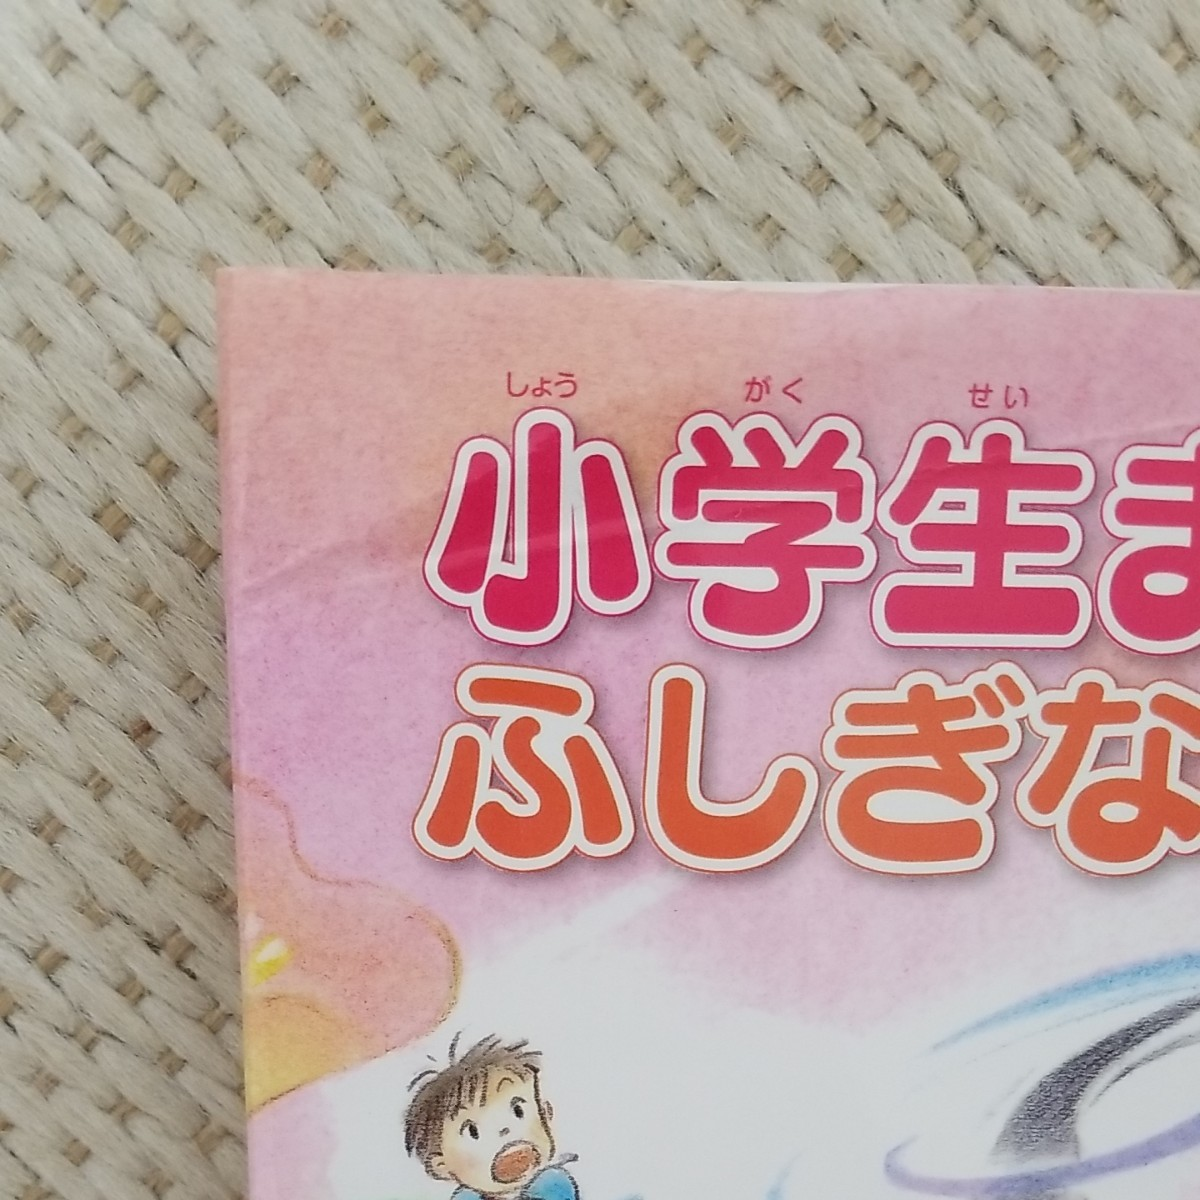 わたし小学生まじょシリーズ 3冊セット/中島和子/秋里信子